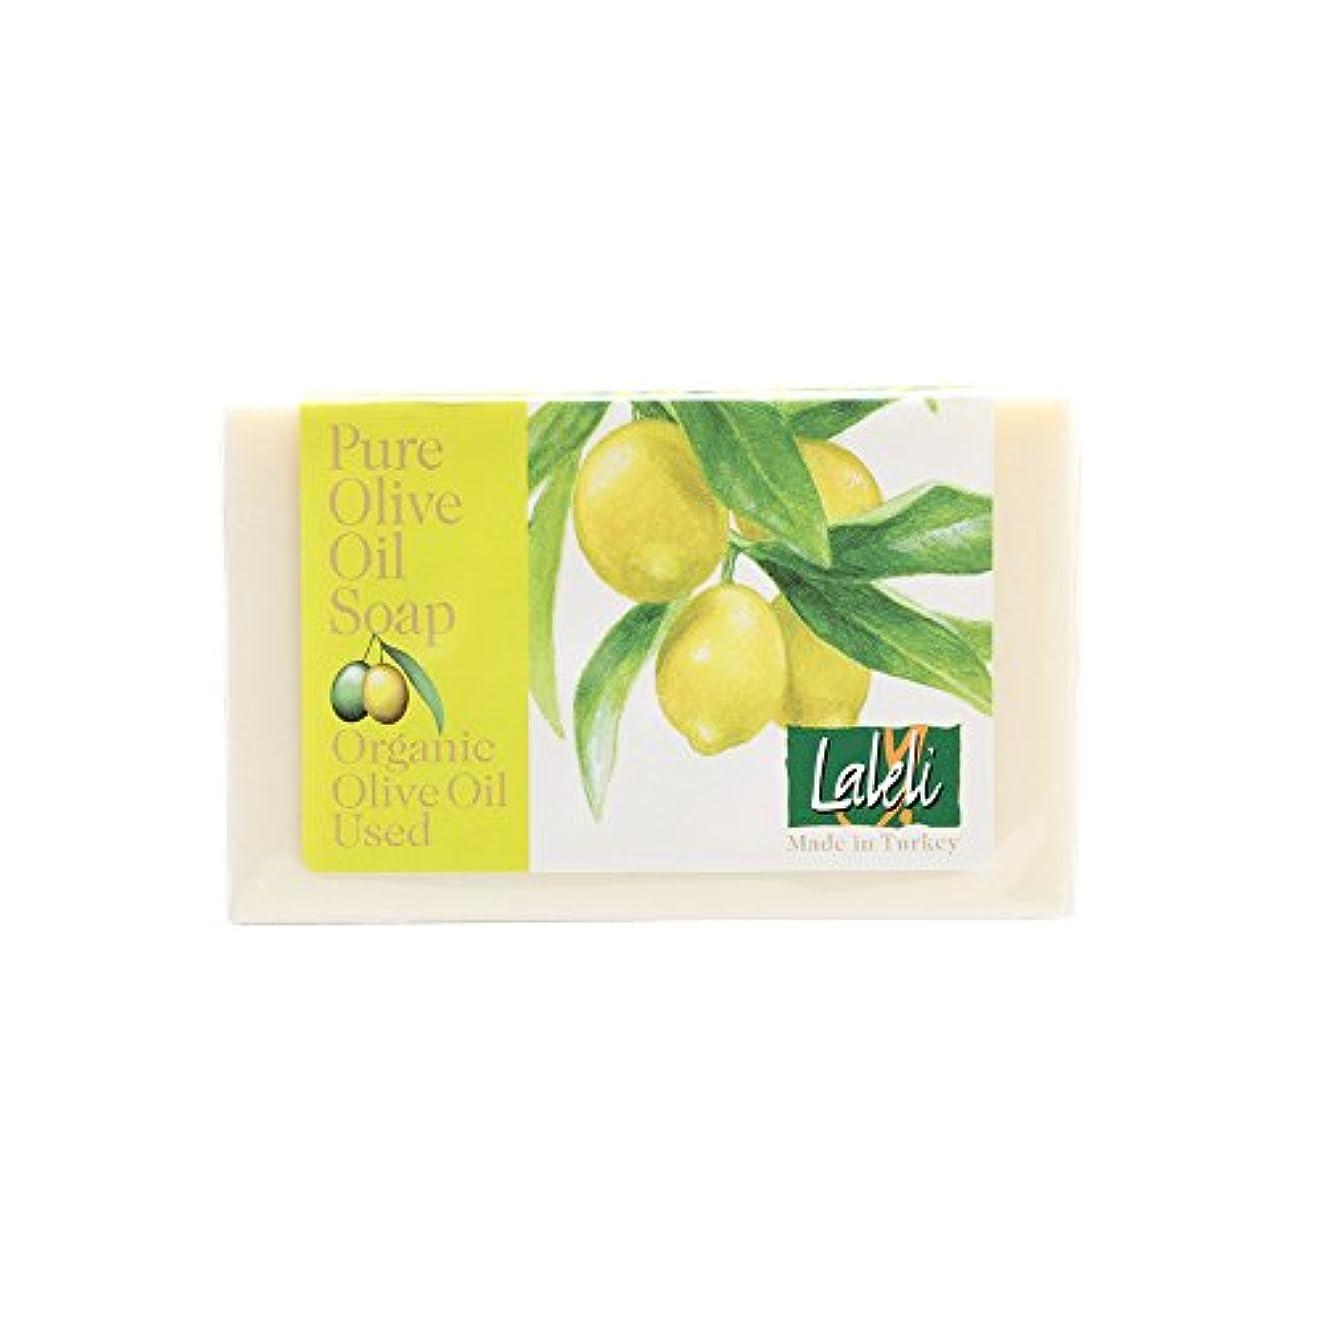 薬を飲む説明的情熱的ラーレリ オーガニックオリーブオイルソープ レモン 120g